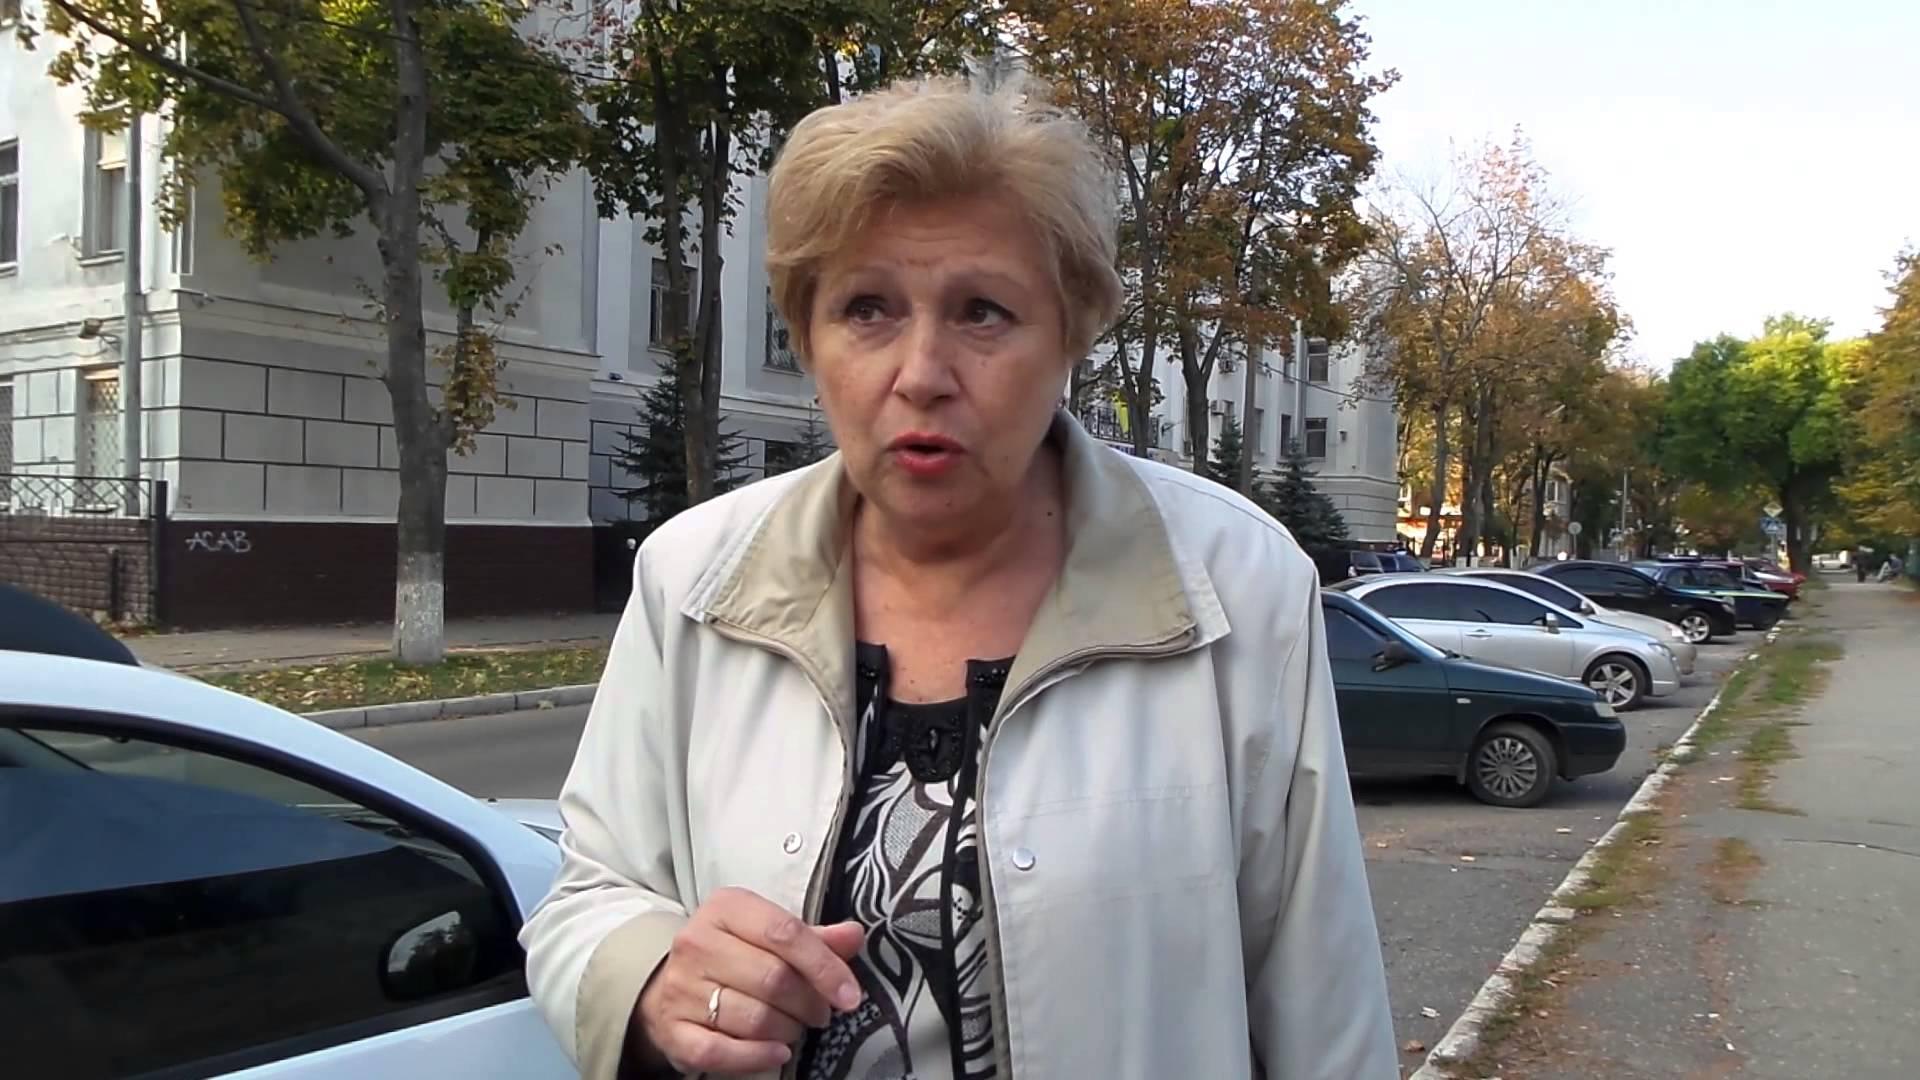 ВХарькове задержали экс-главу обкома КПУ— Сепаратизм довел